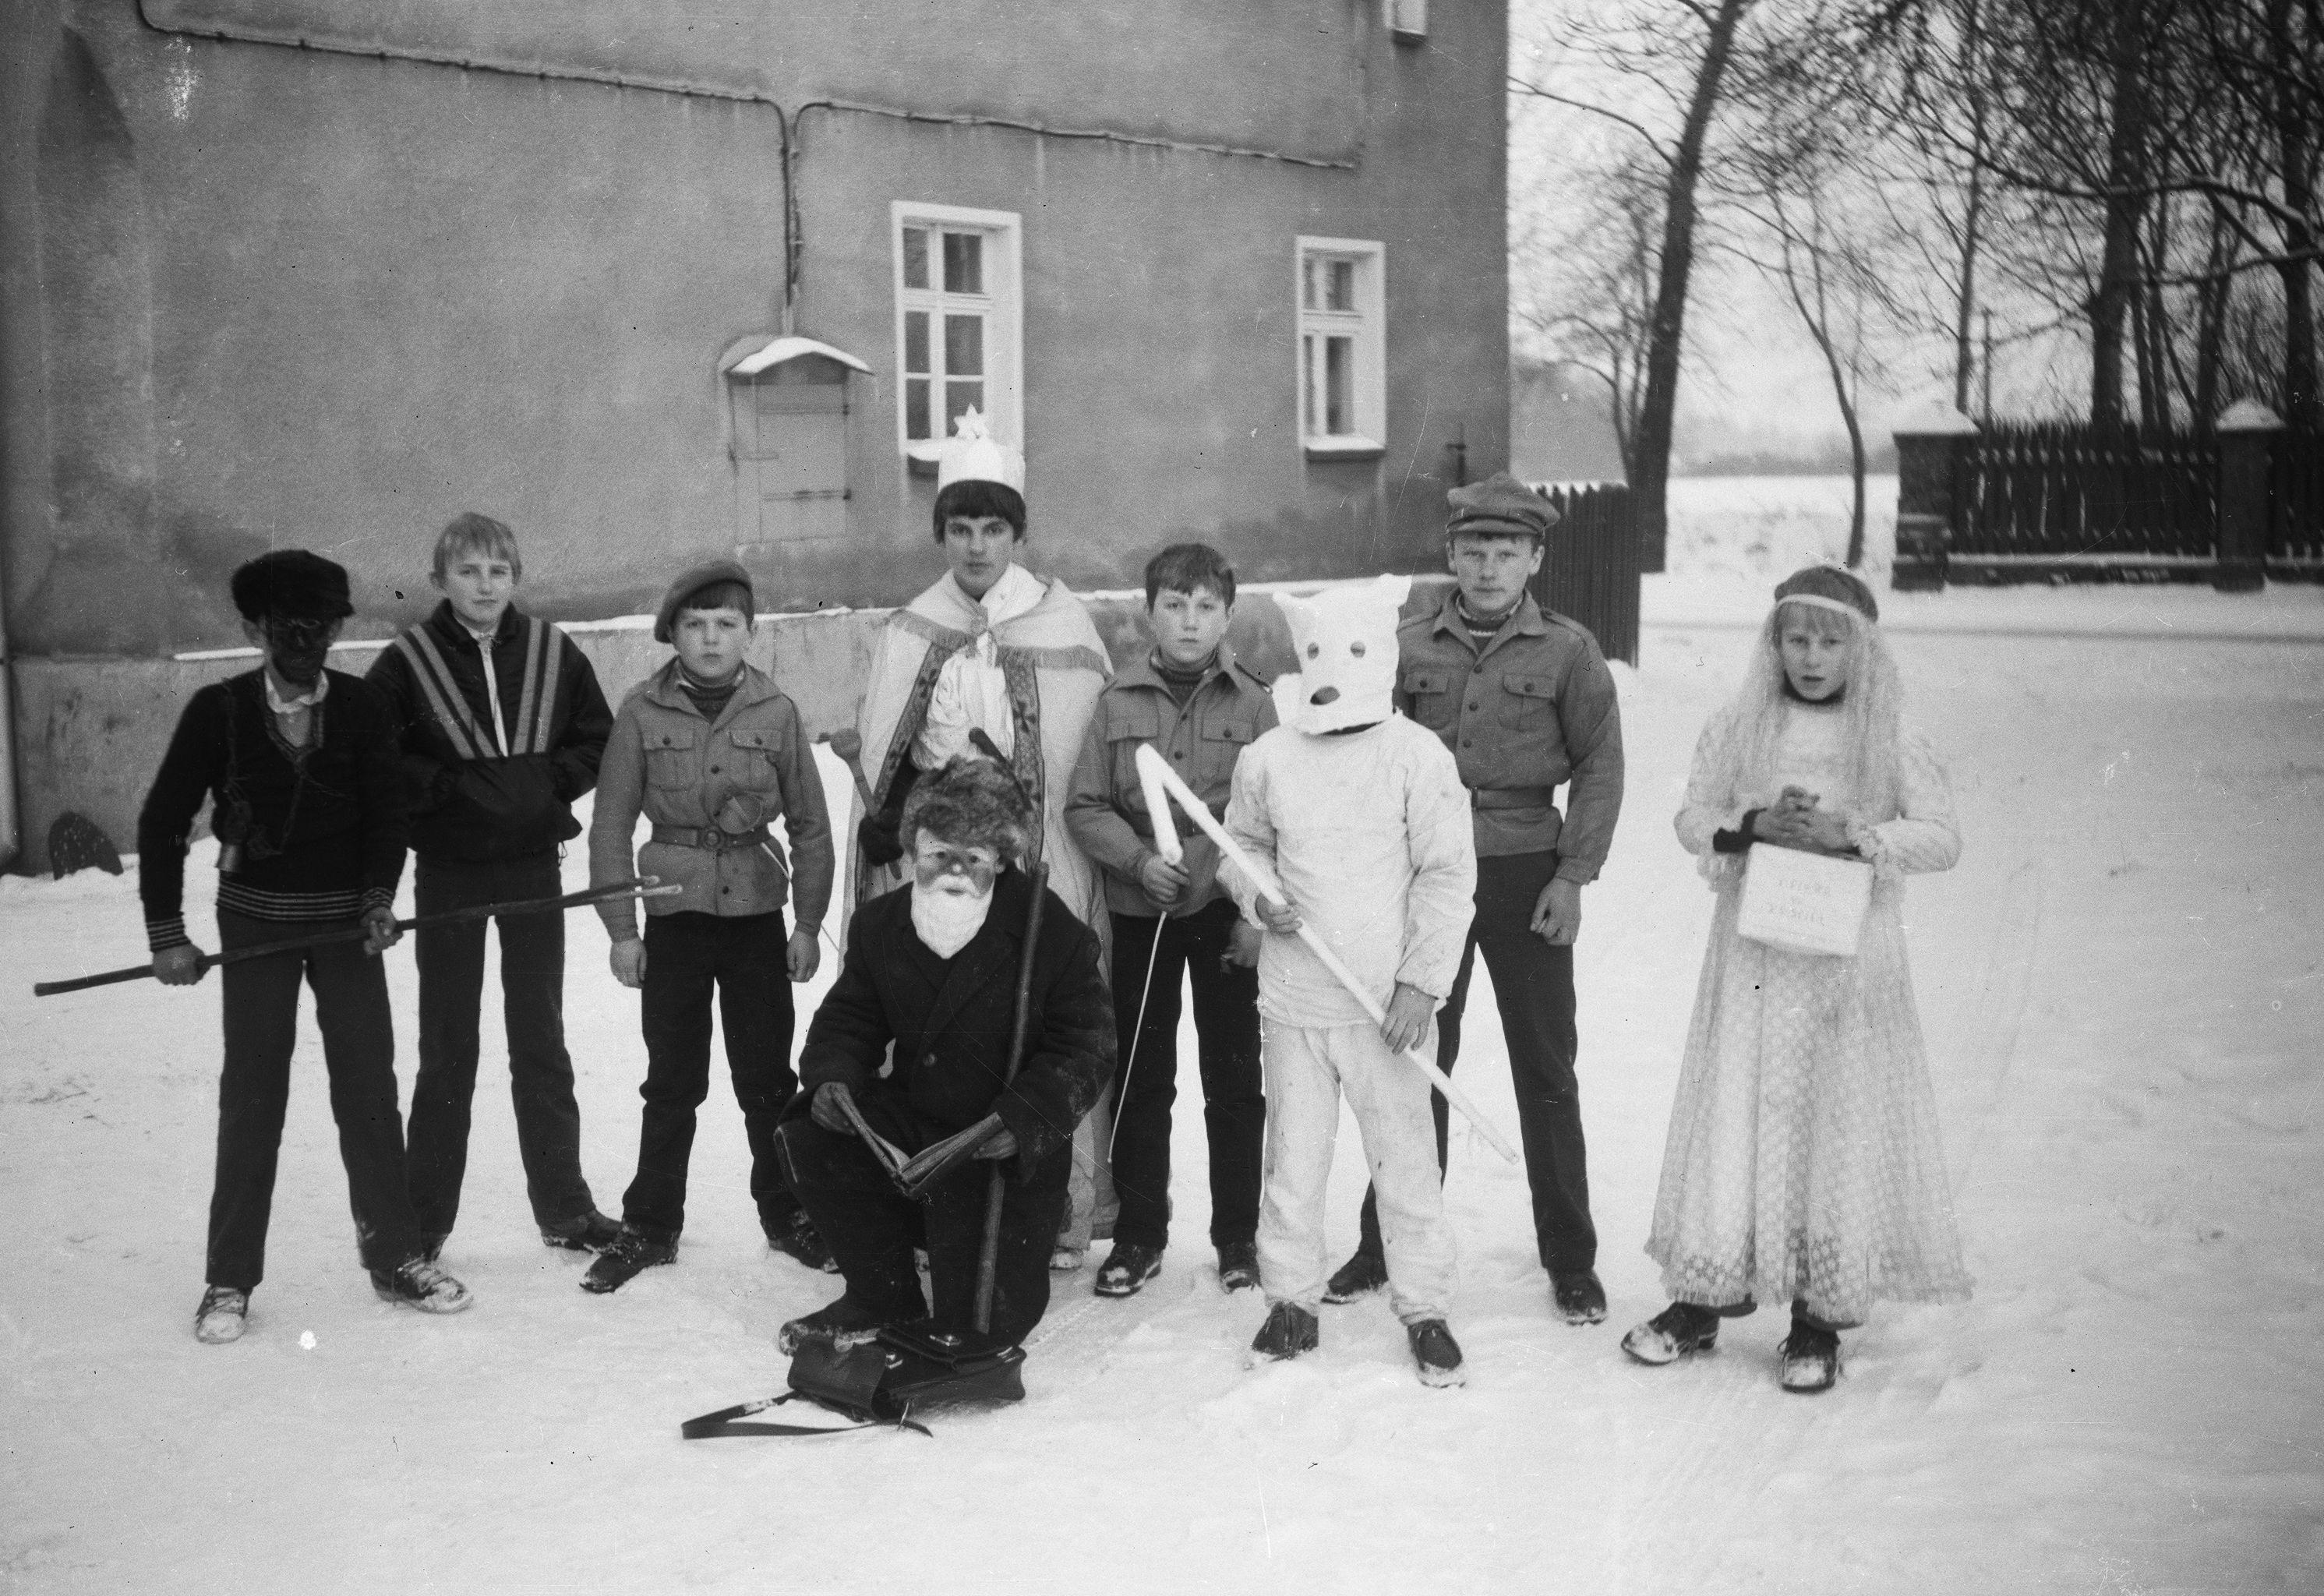 Grupa kolędnicza, Głębowice, Dolny Śląsk, lata 80. XX w.